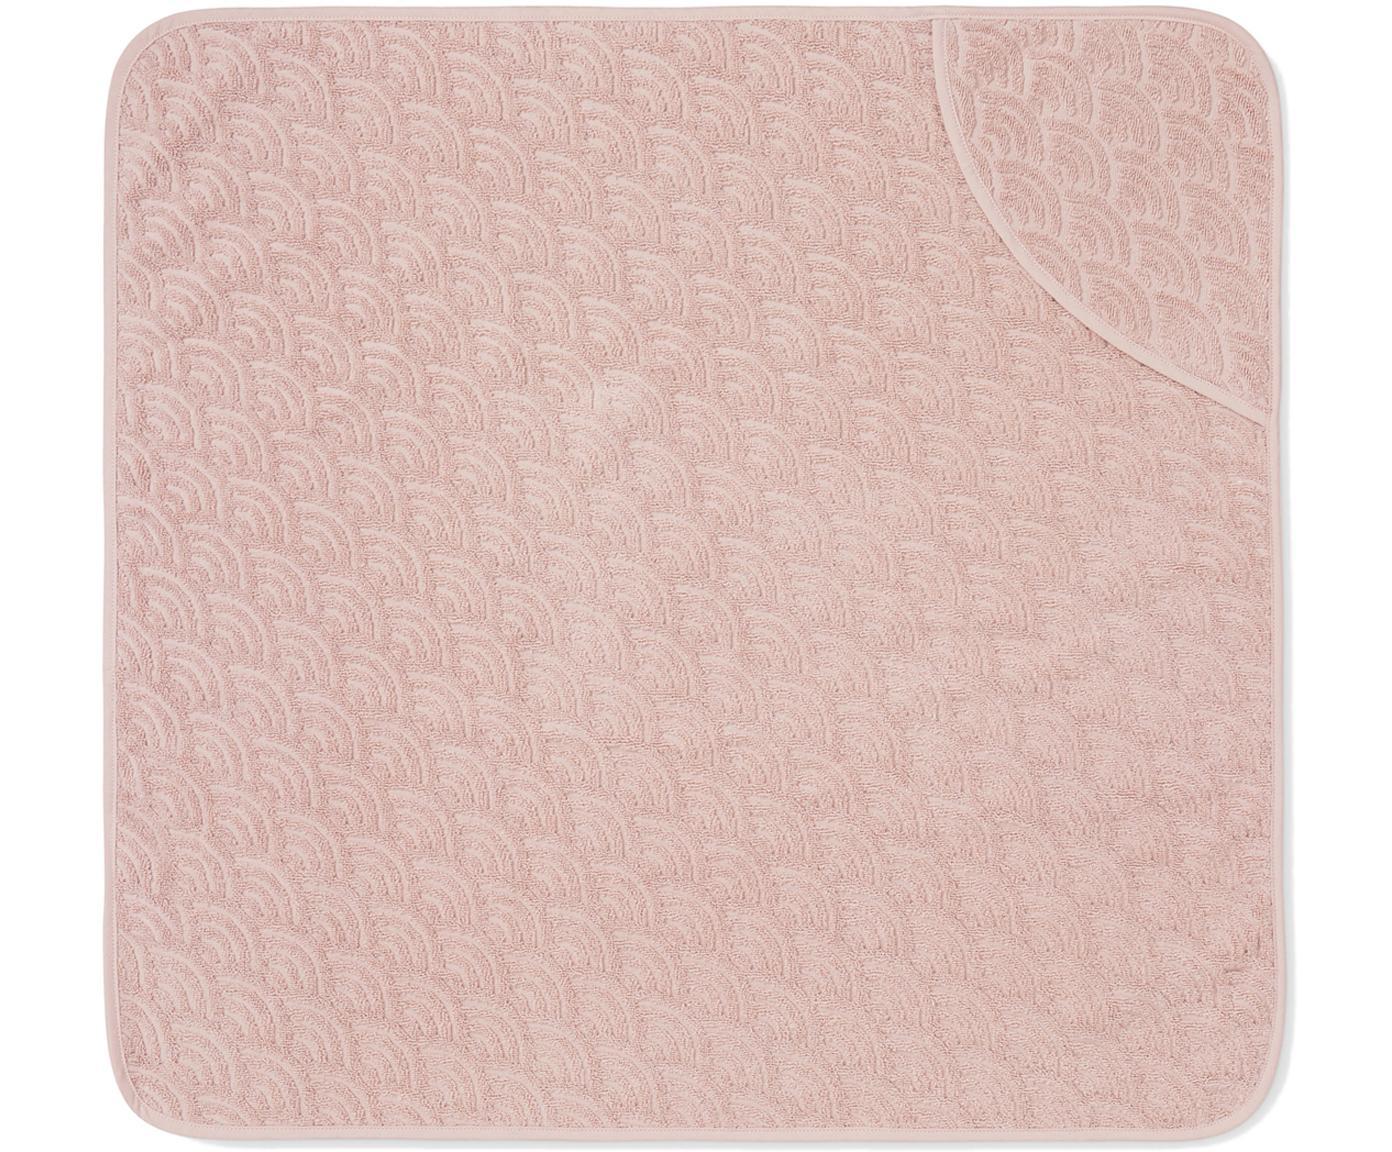 Toalla baño bebé de algodón ecológico Wave, Algodón orgánico, Rosa, An 80 x L 80 cm